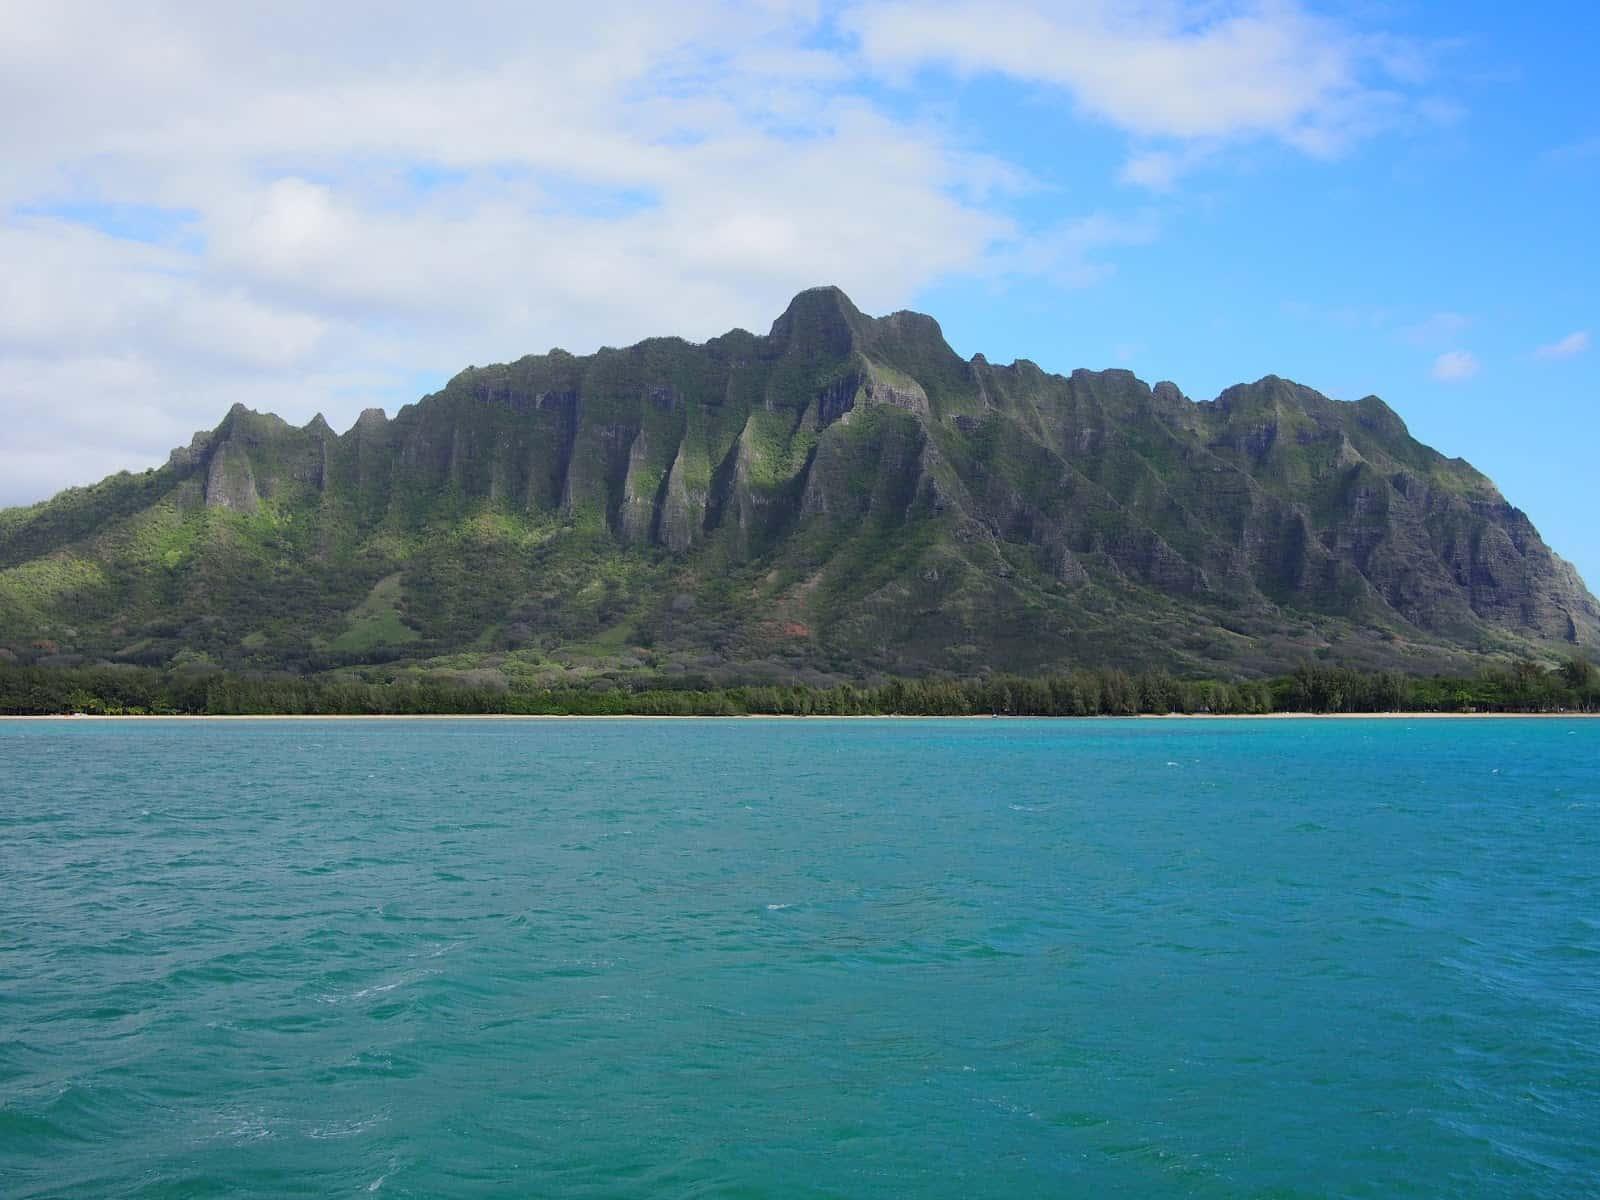 オアフ島観光ならクアロア・ランチが絶対オススメな理由